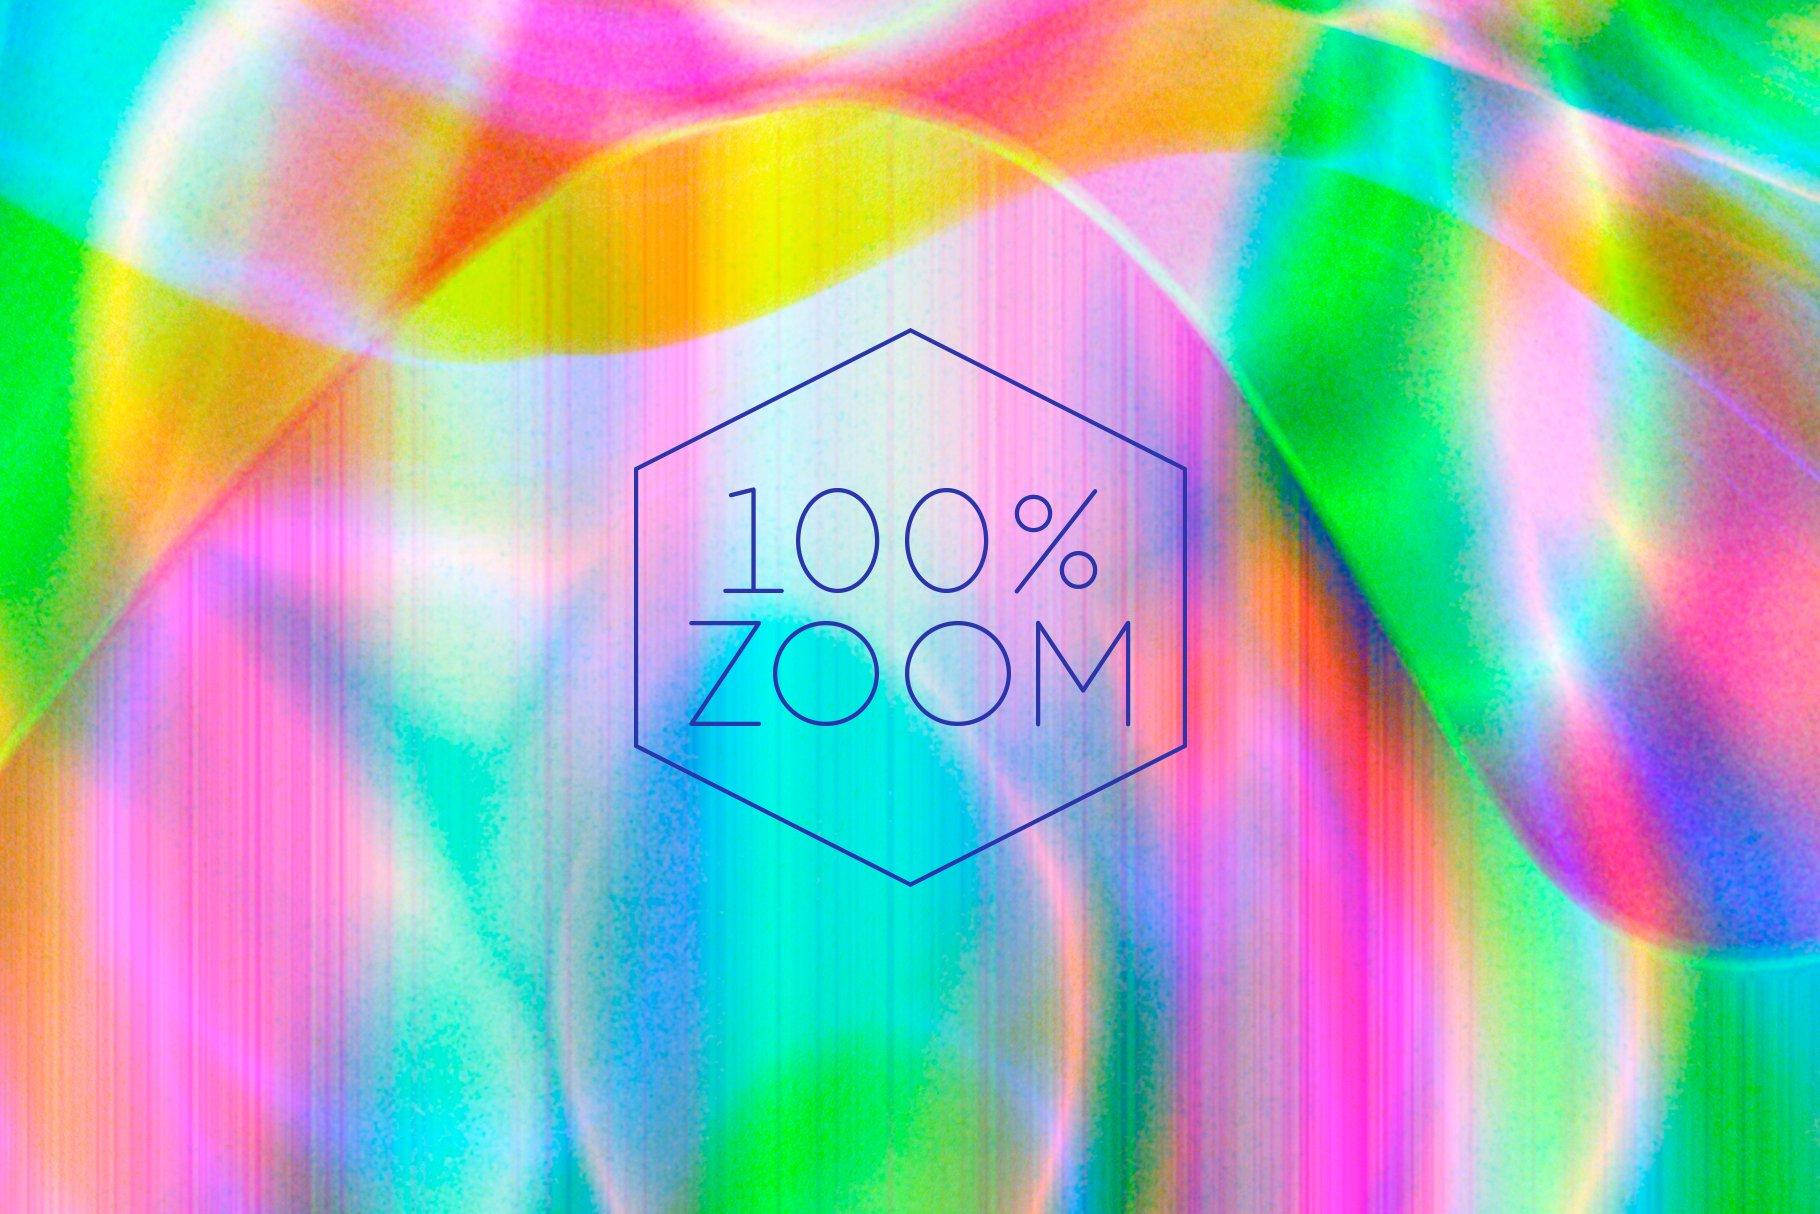 [单独购买] 90款潮流抽象炫彩故障扭曲噪点颗粒纹理海报设计背景图片素材 Experimental Abstract Textures插图6